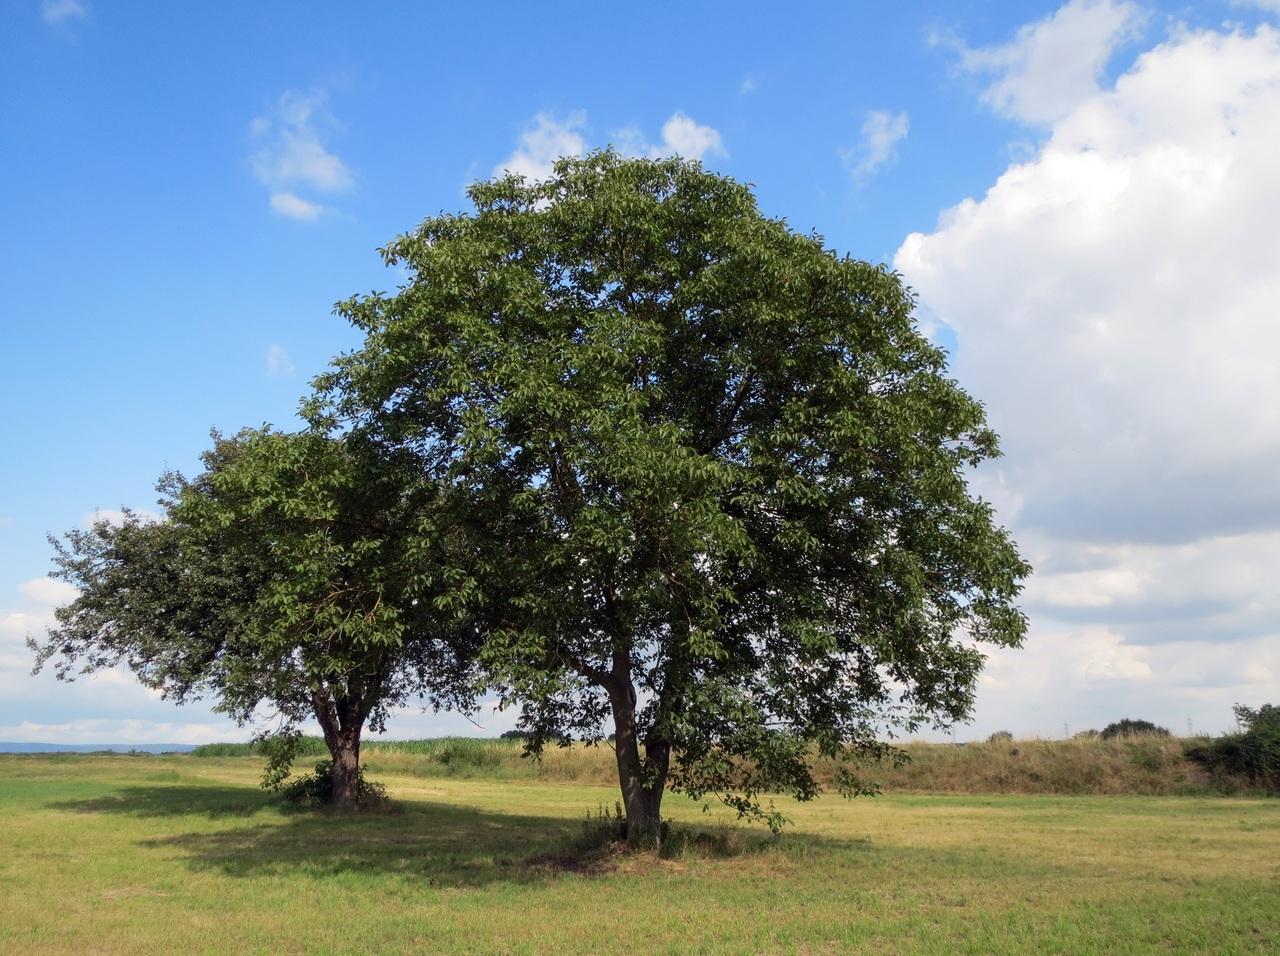 Vista del nogal, el árbol de las nueces